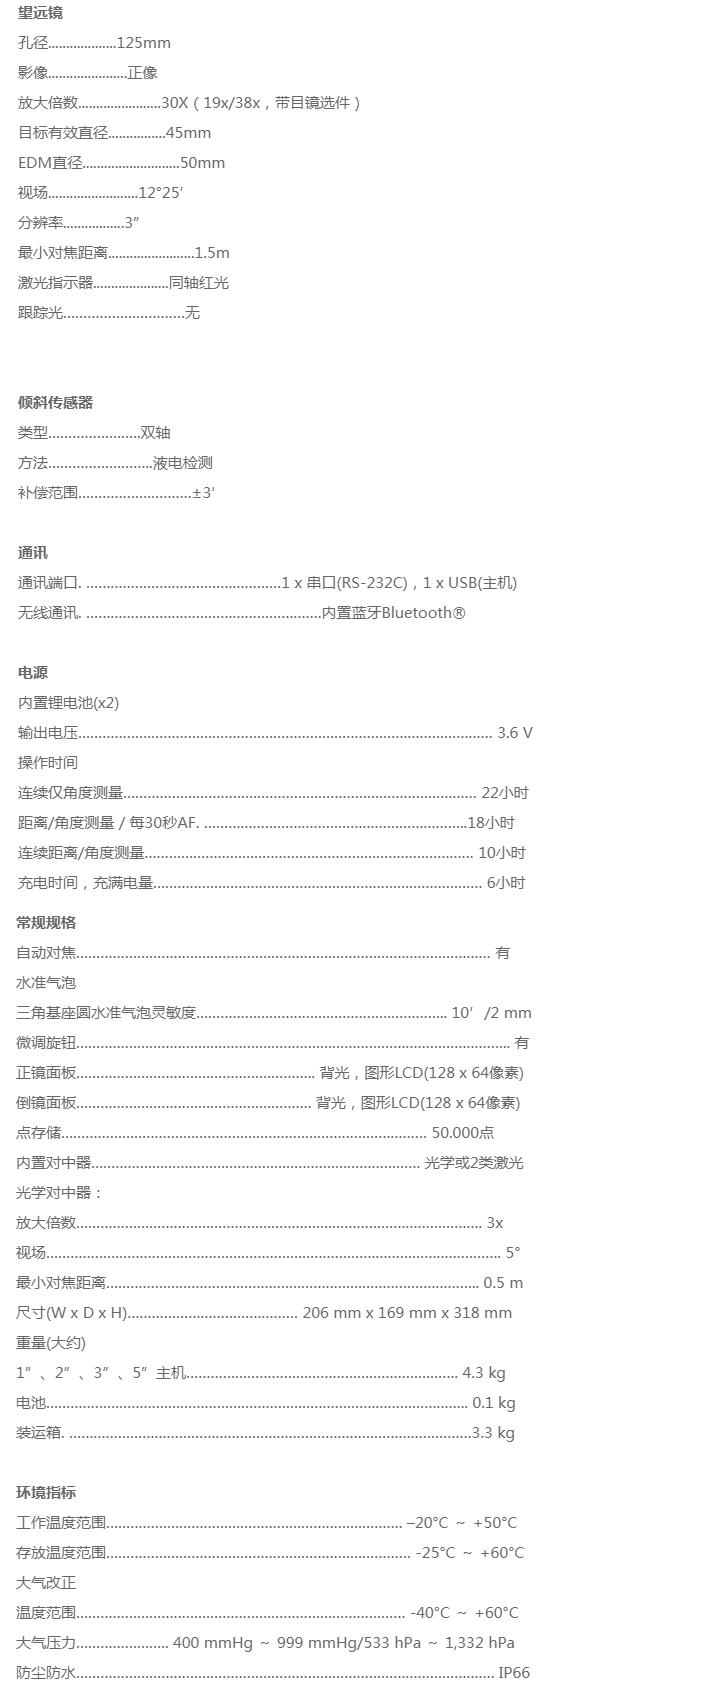 天宝C3全站仪技术参数2